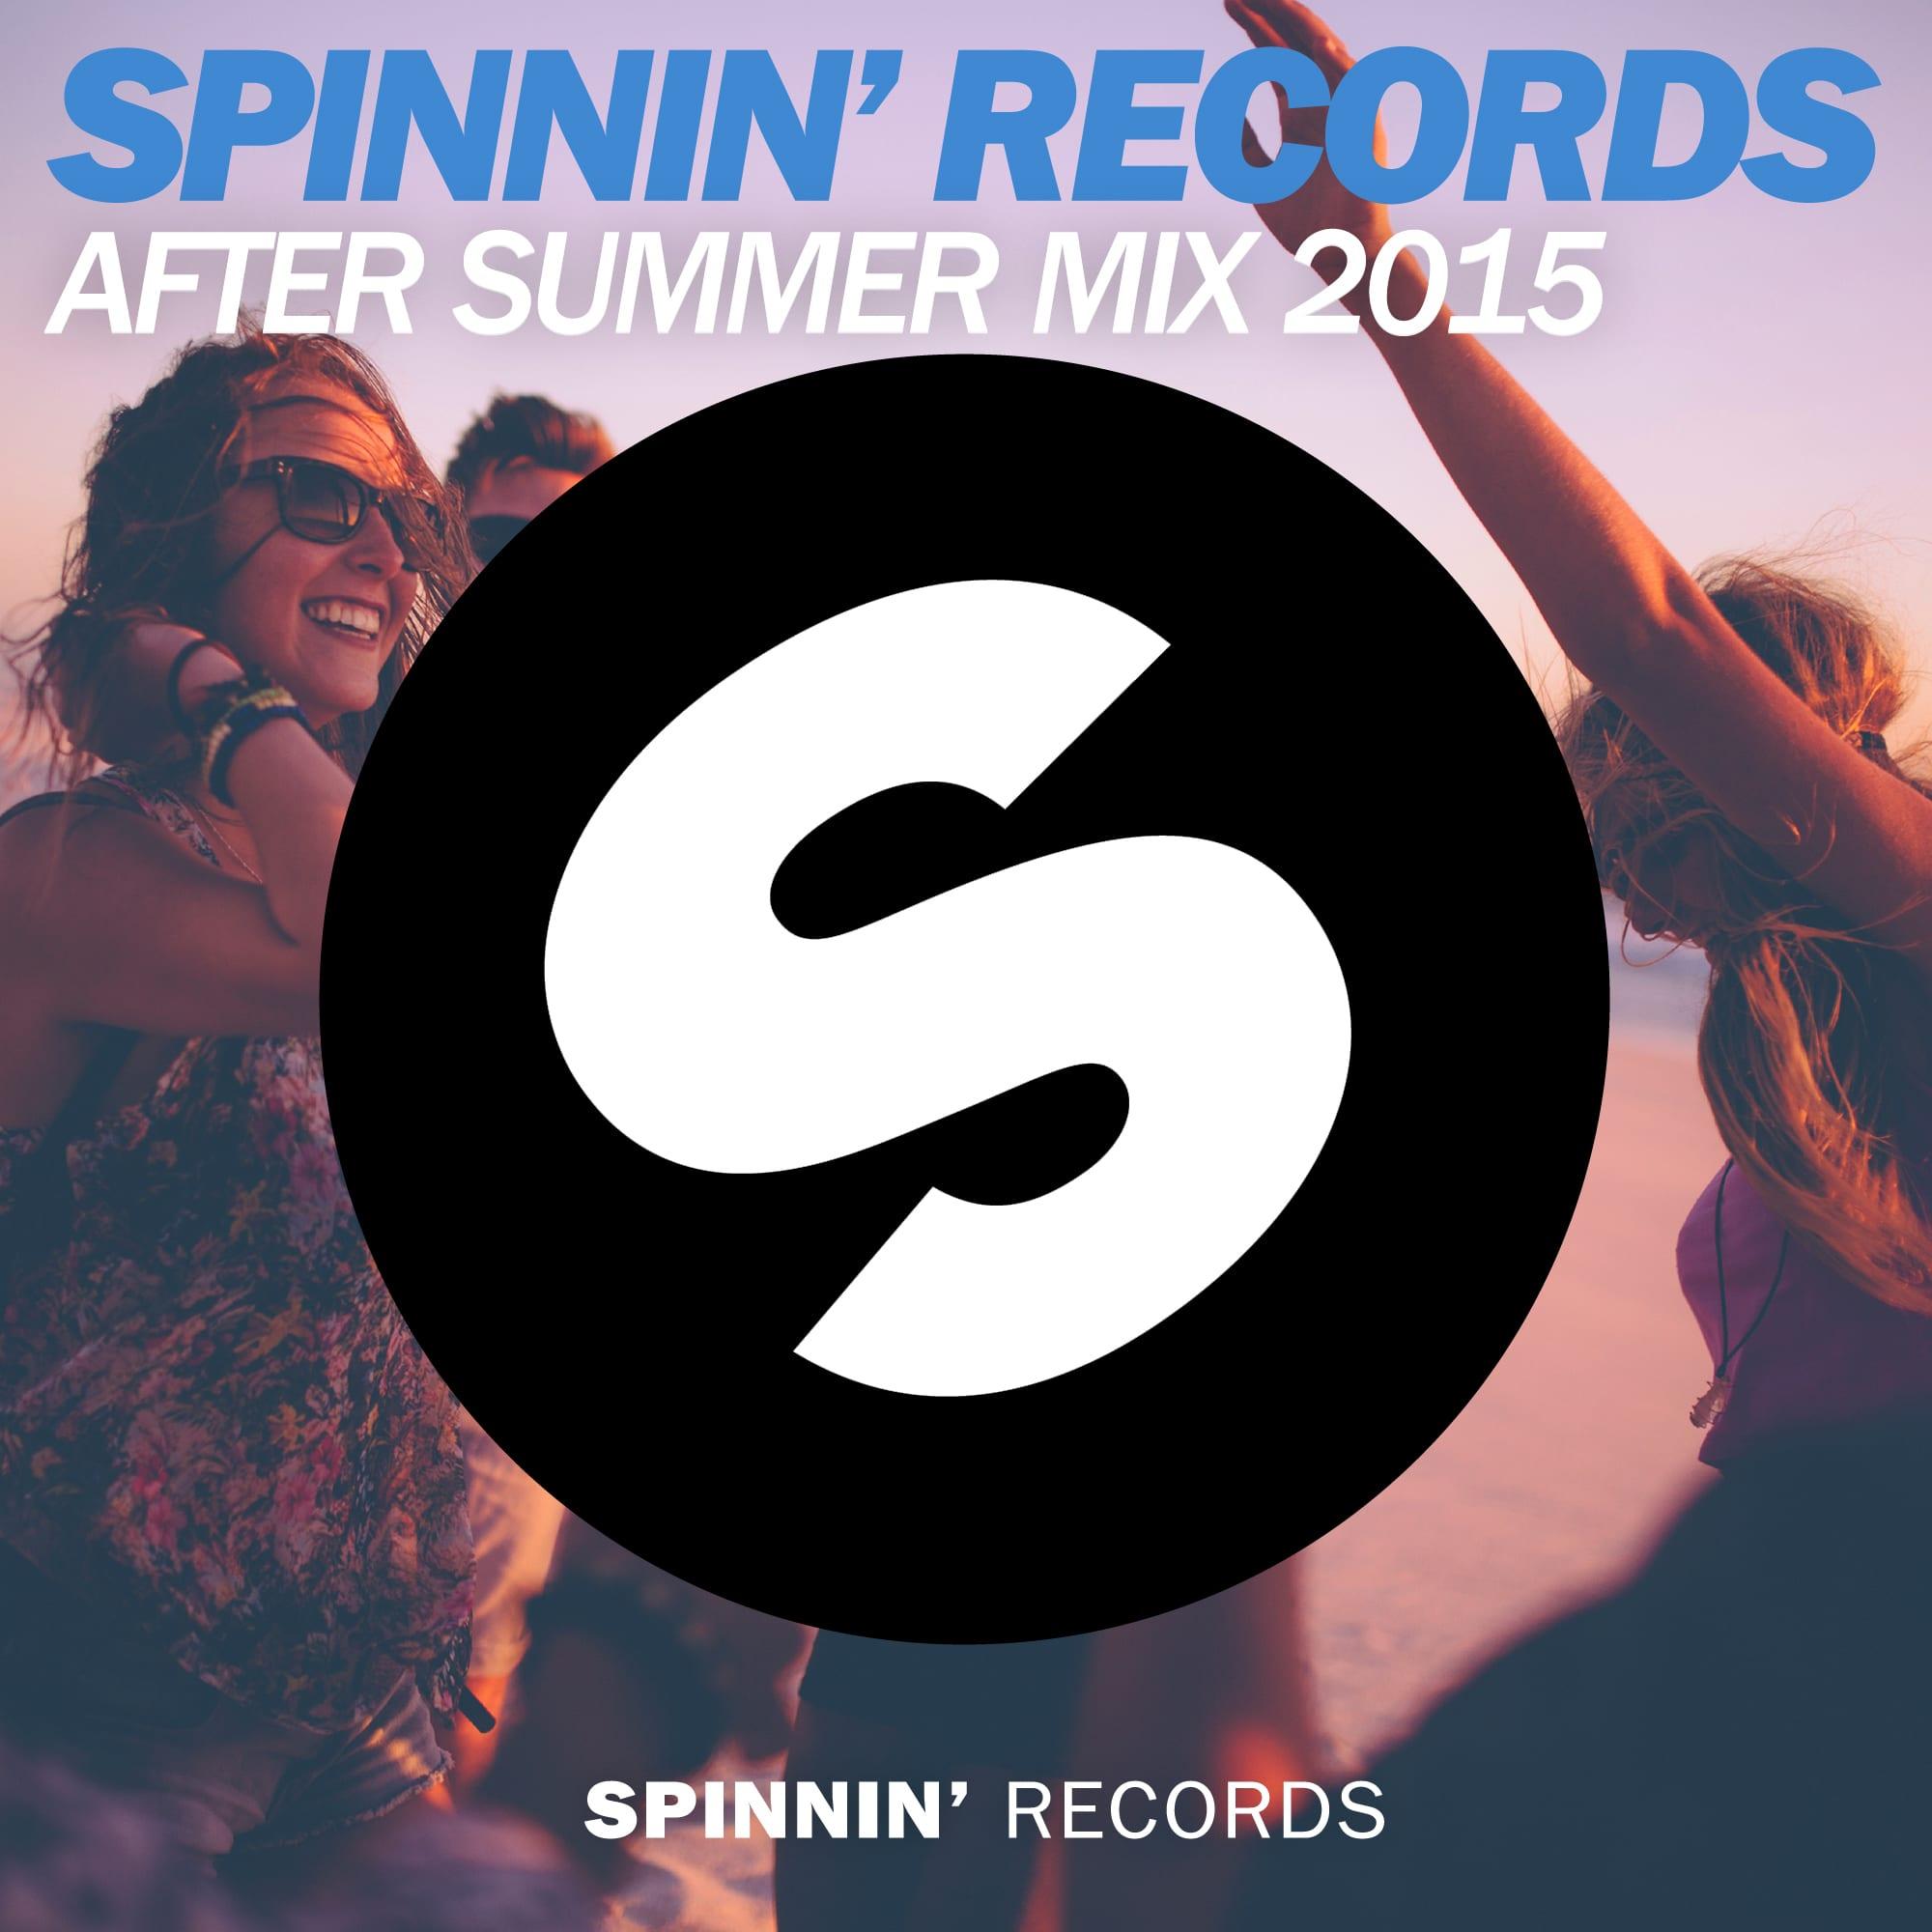 spinninspinninrecords-aftersummer2015mix.jpeg